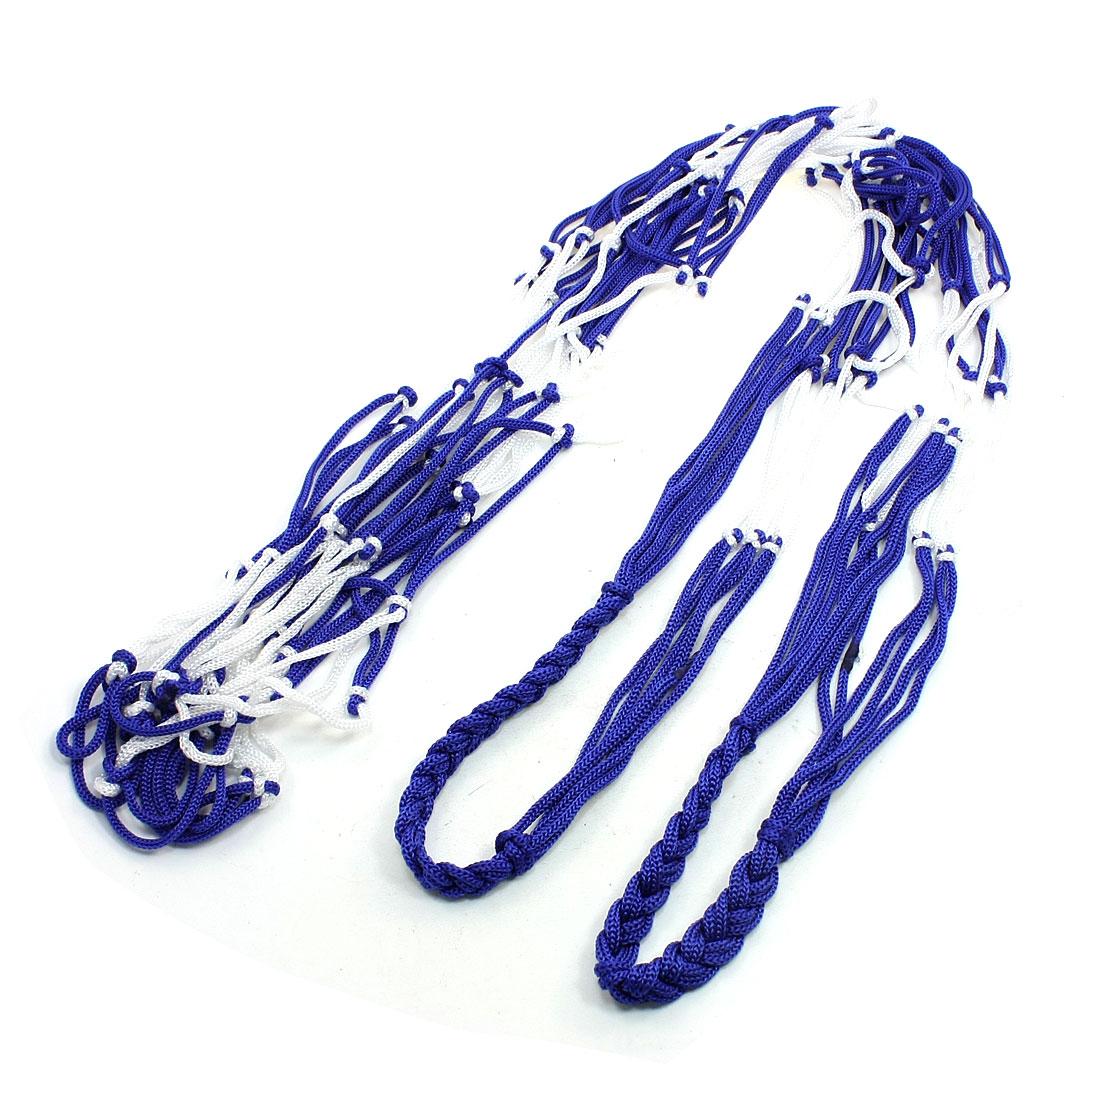 90cm Long White Blue Nylon Ball Carrier Net Mesh Bag for Basketball